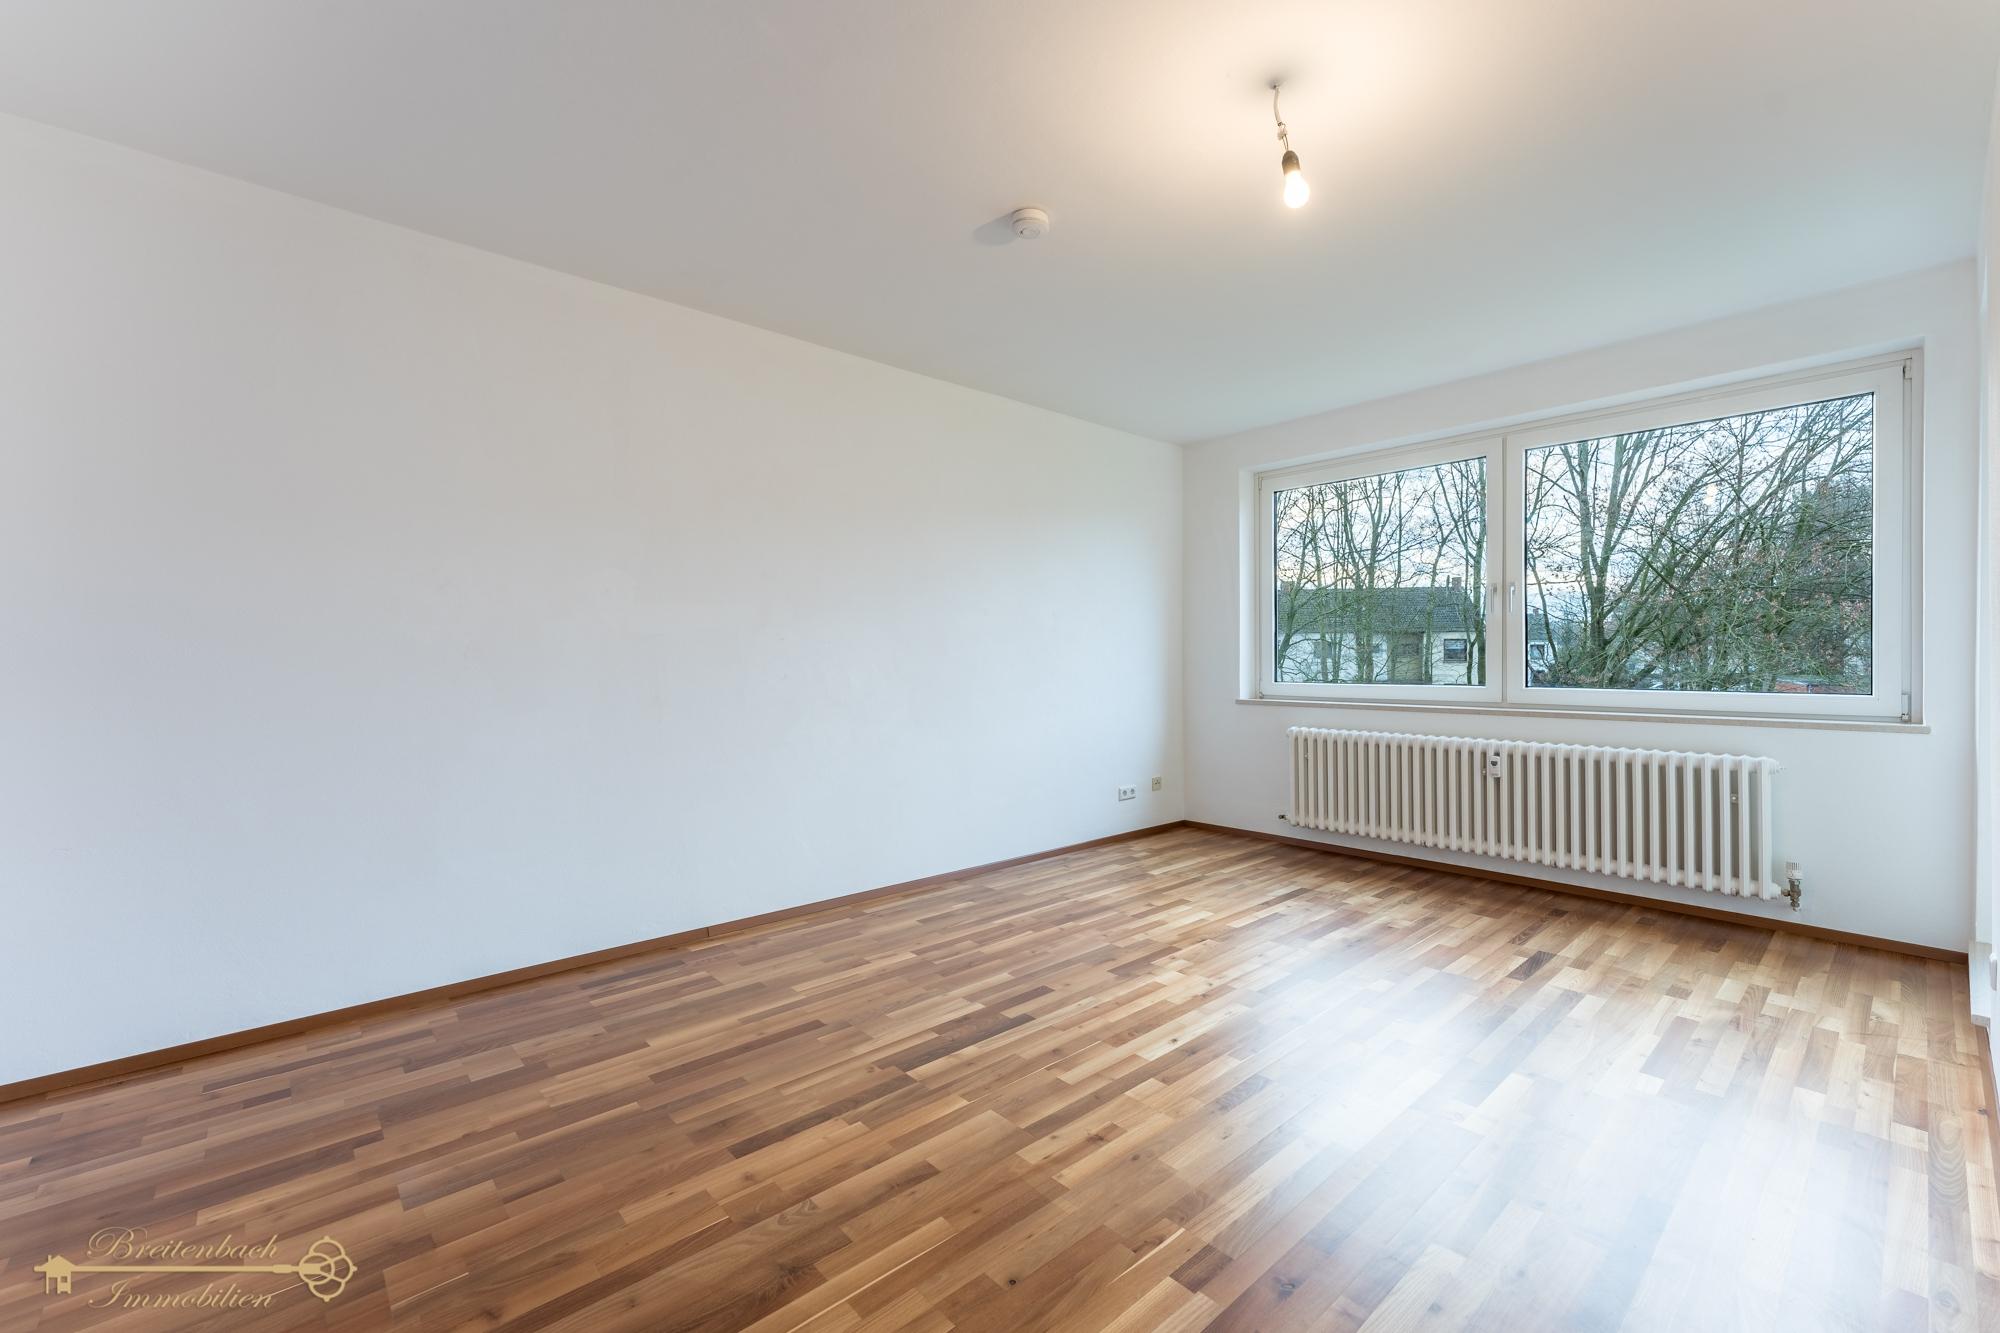 2021-01-09-Breitenbach-Immobilien-11